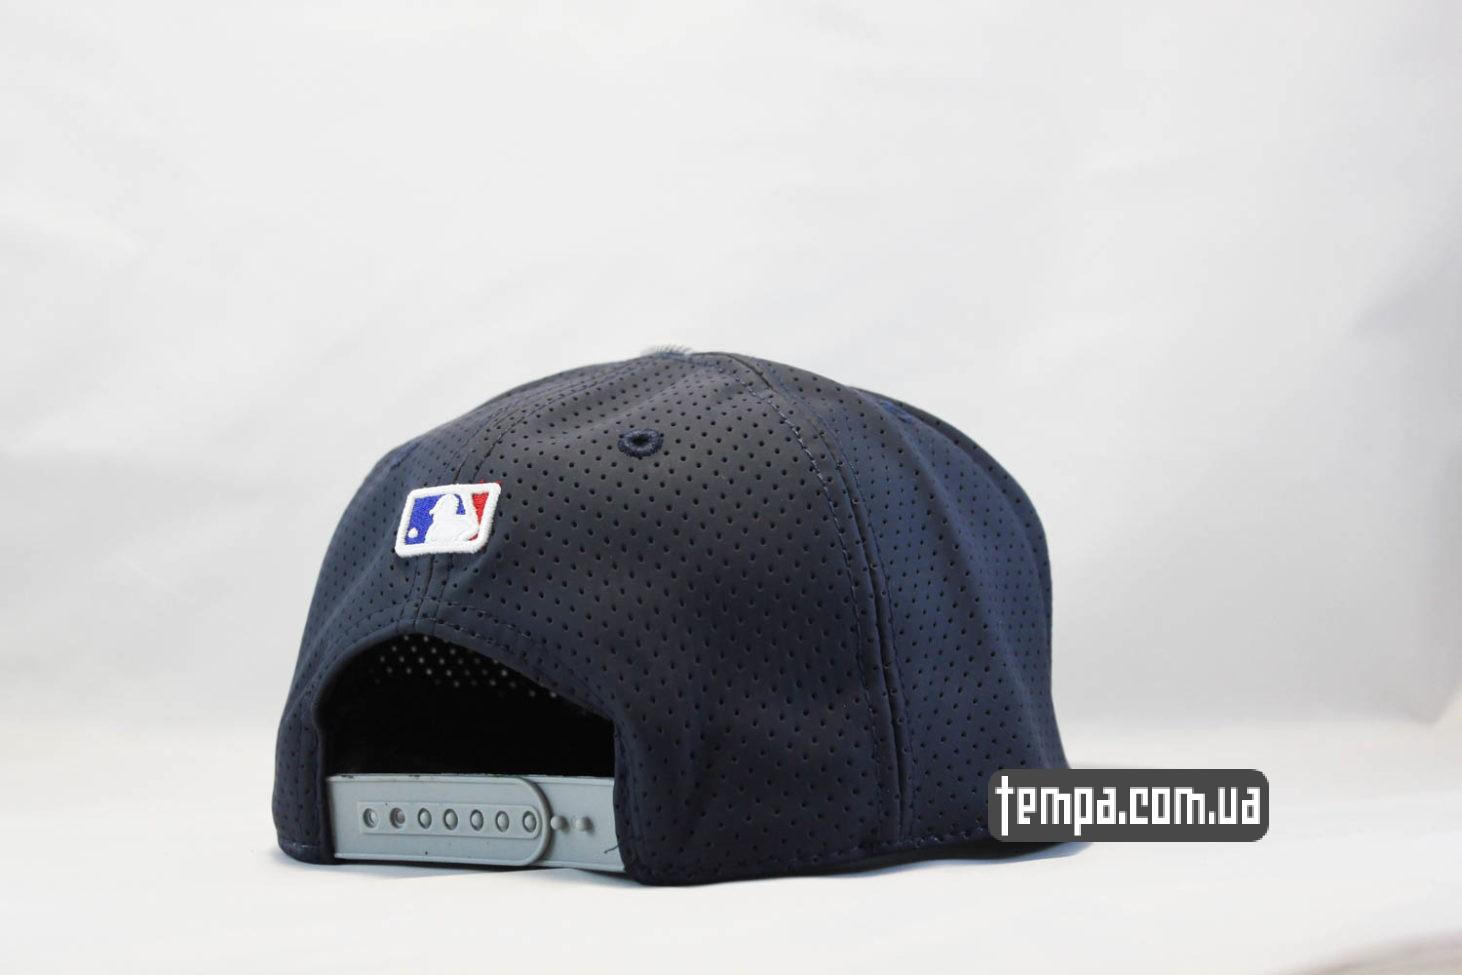 детроид бейсбольная команда одежда кепка snapback DETROID new era trucker 9fifty с сеточкой